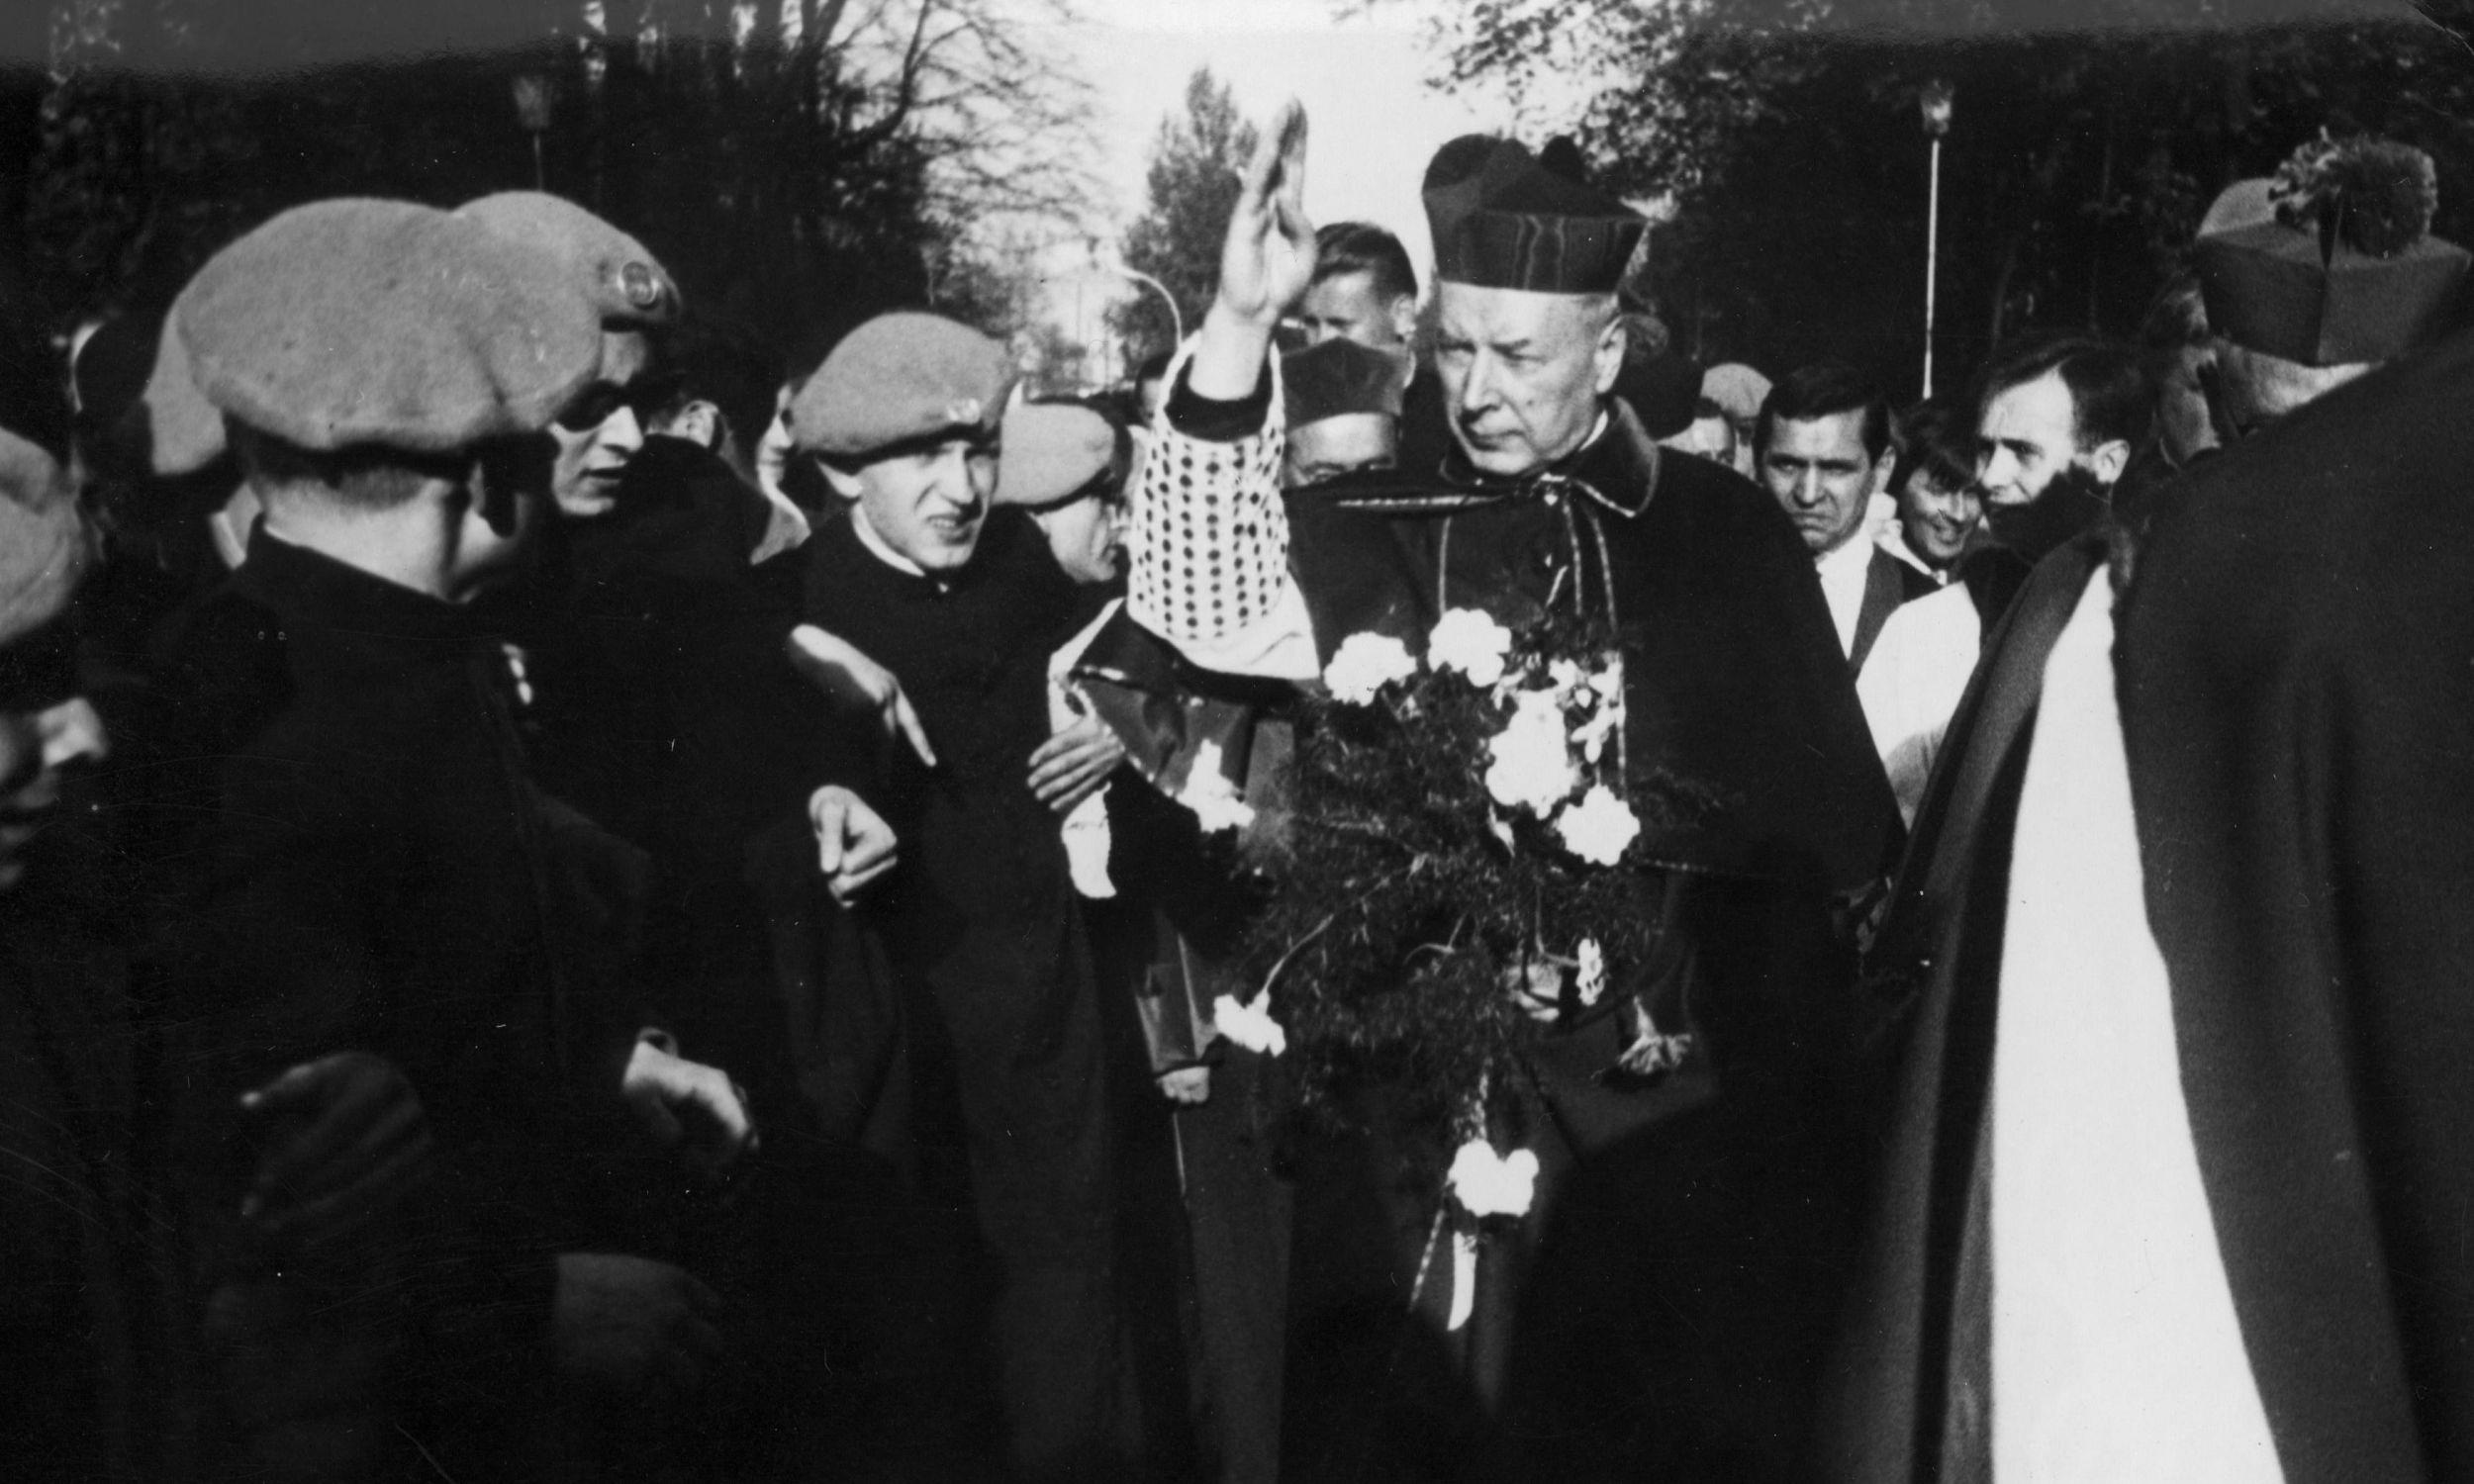 Spirutus movens obchodów milenijnych, kardynał Stefan Wyszyński na Jasna Górę przybył 2 maja. Fot. NAC